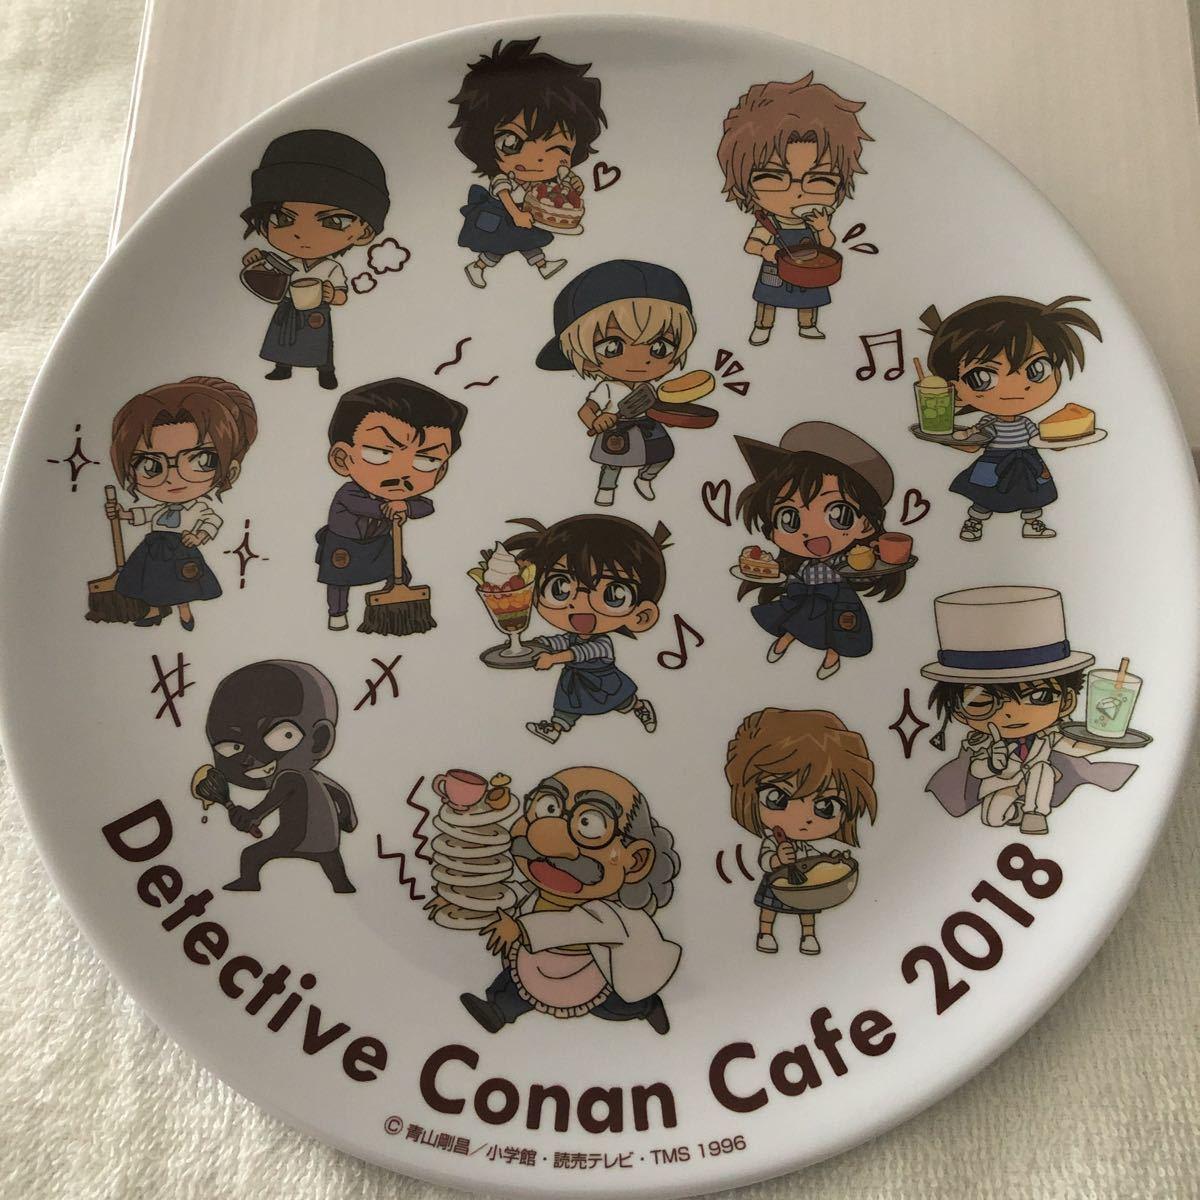 コナンカフェ 名探偵コナン メラミンプレート 皿 2018 未使用品 お値下げしました